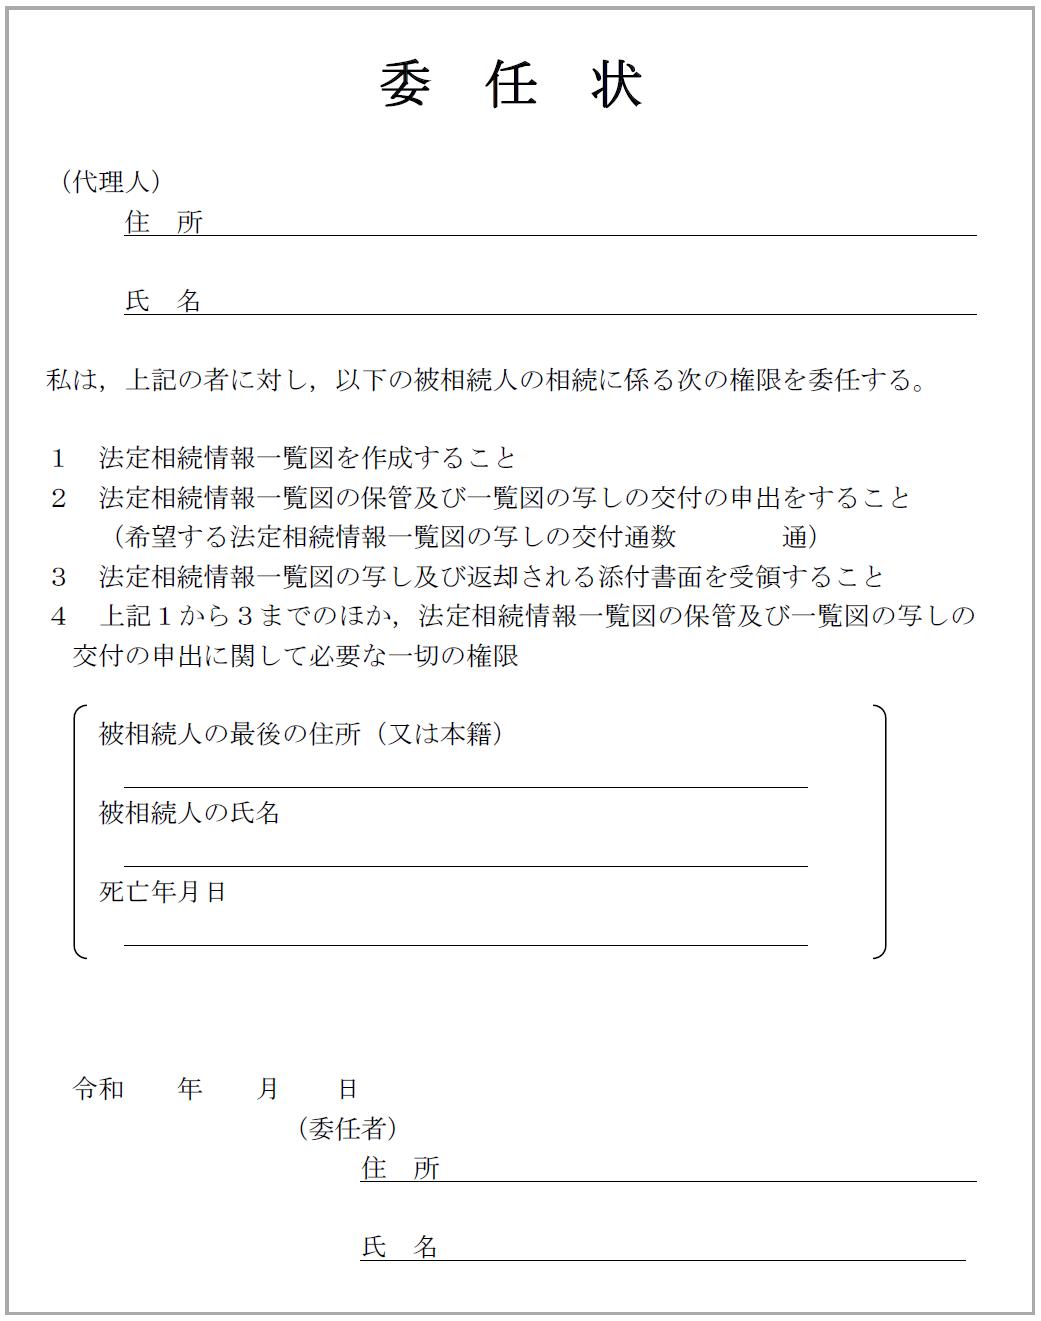 法定相続情報証明制度の委任状の様式